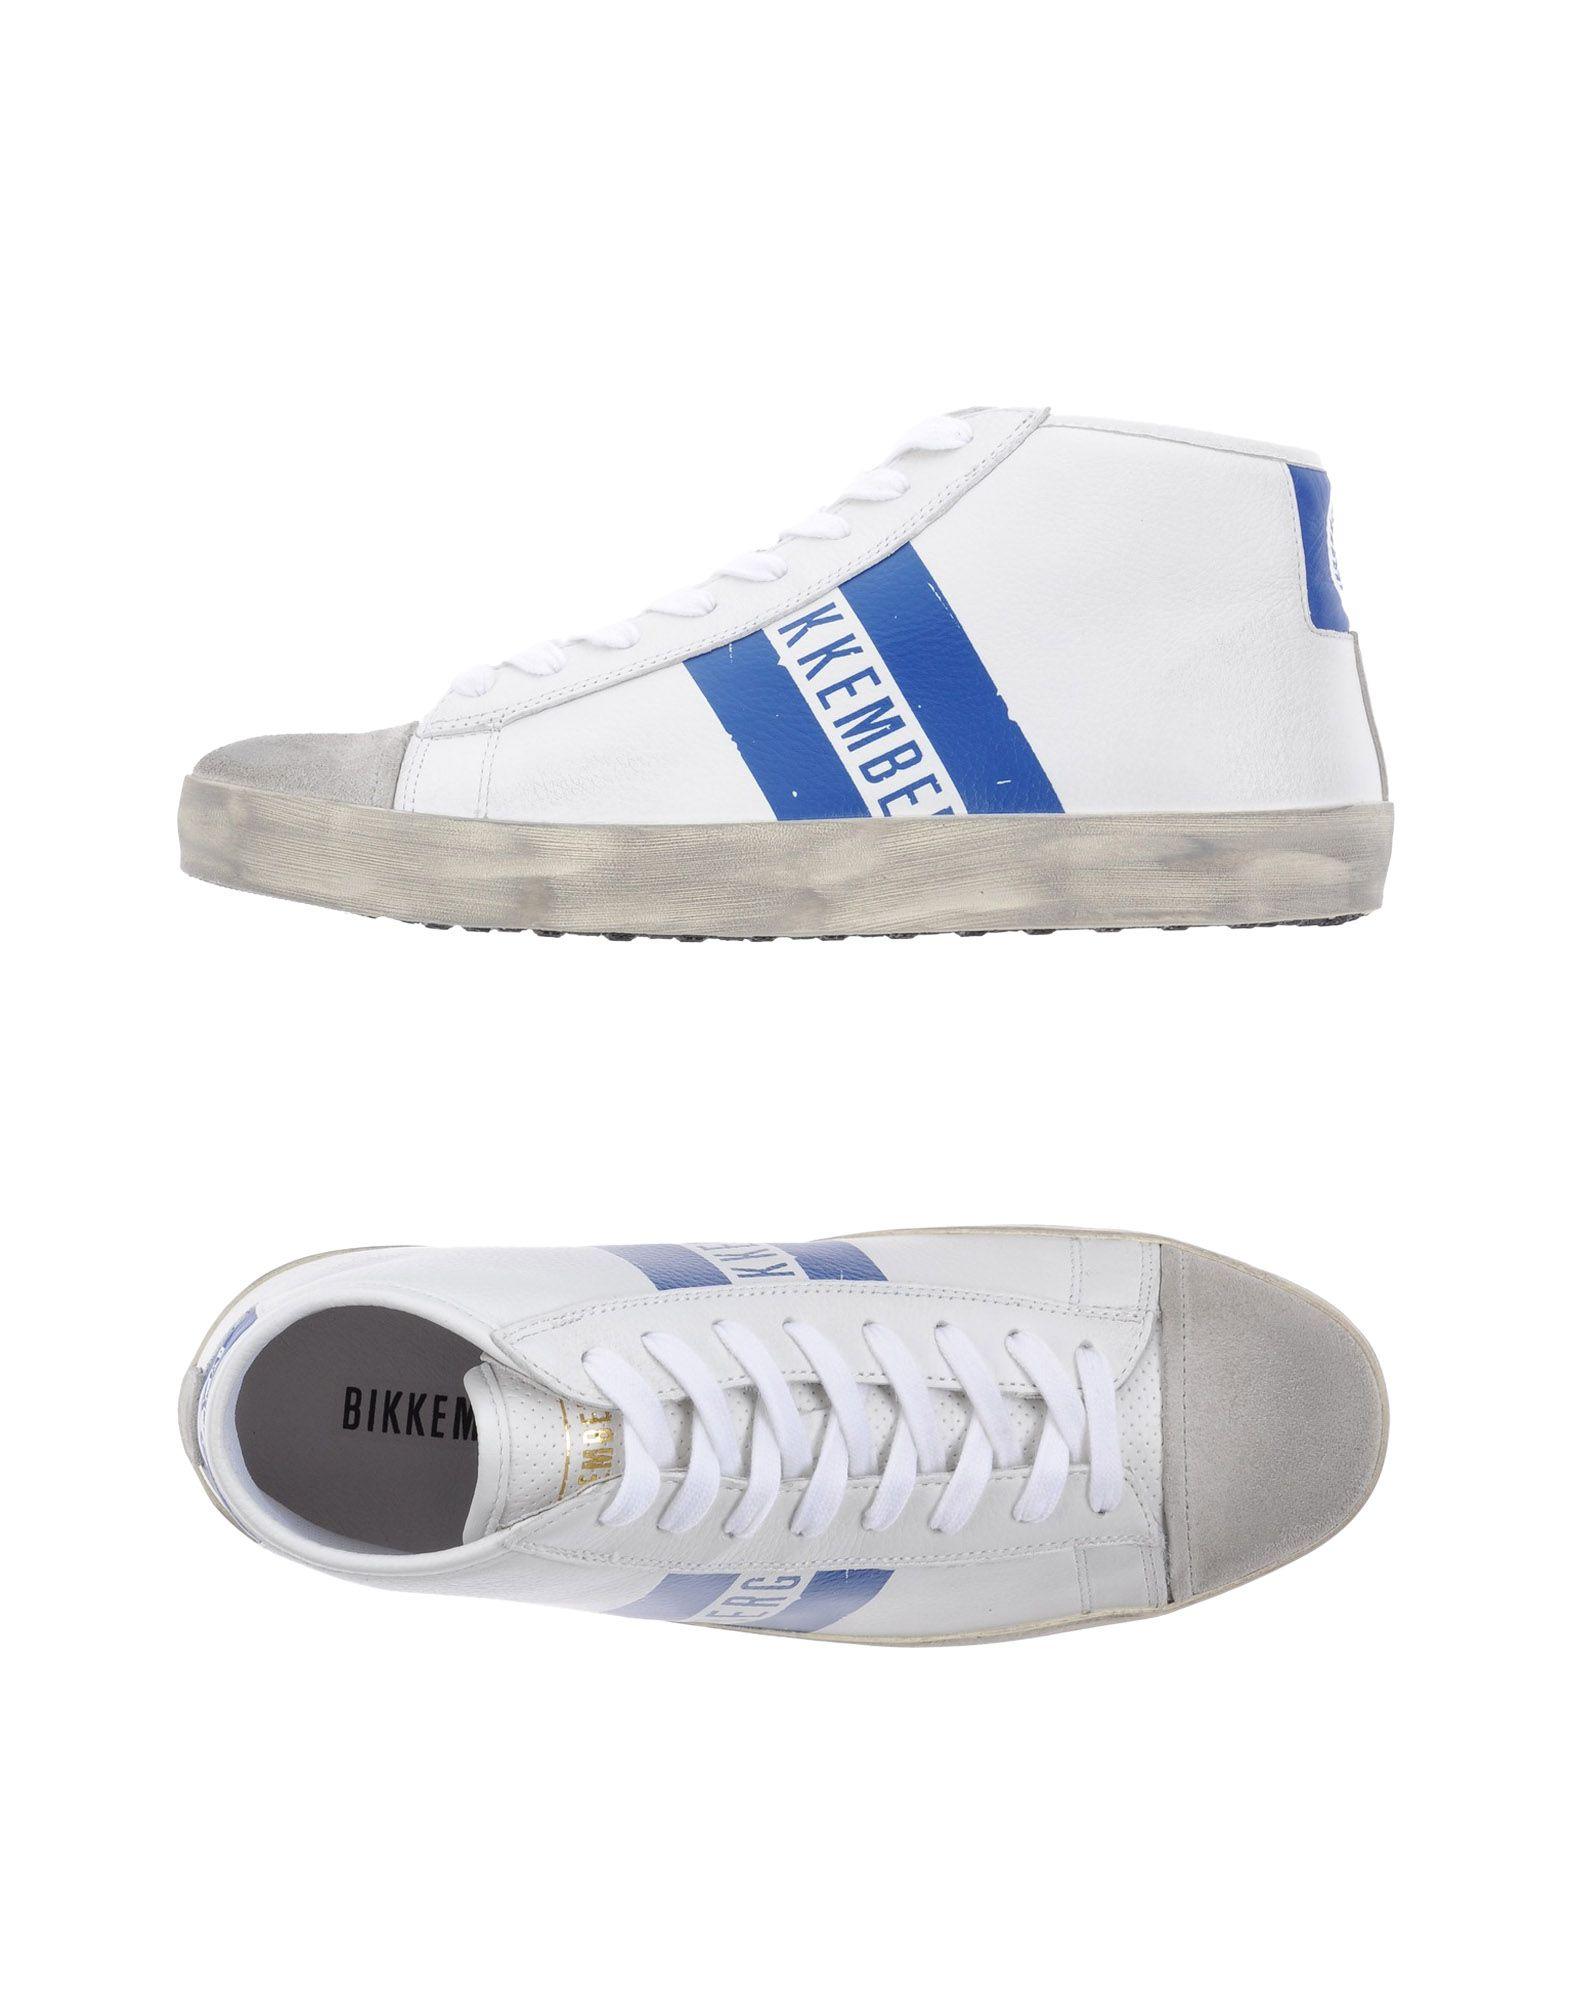 Bikkembergs  Sneakers Herren  Bikkembergs 11332087DU Heiße Schuhe fe34e7